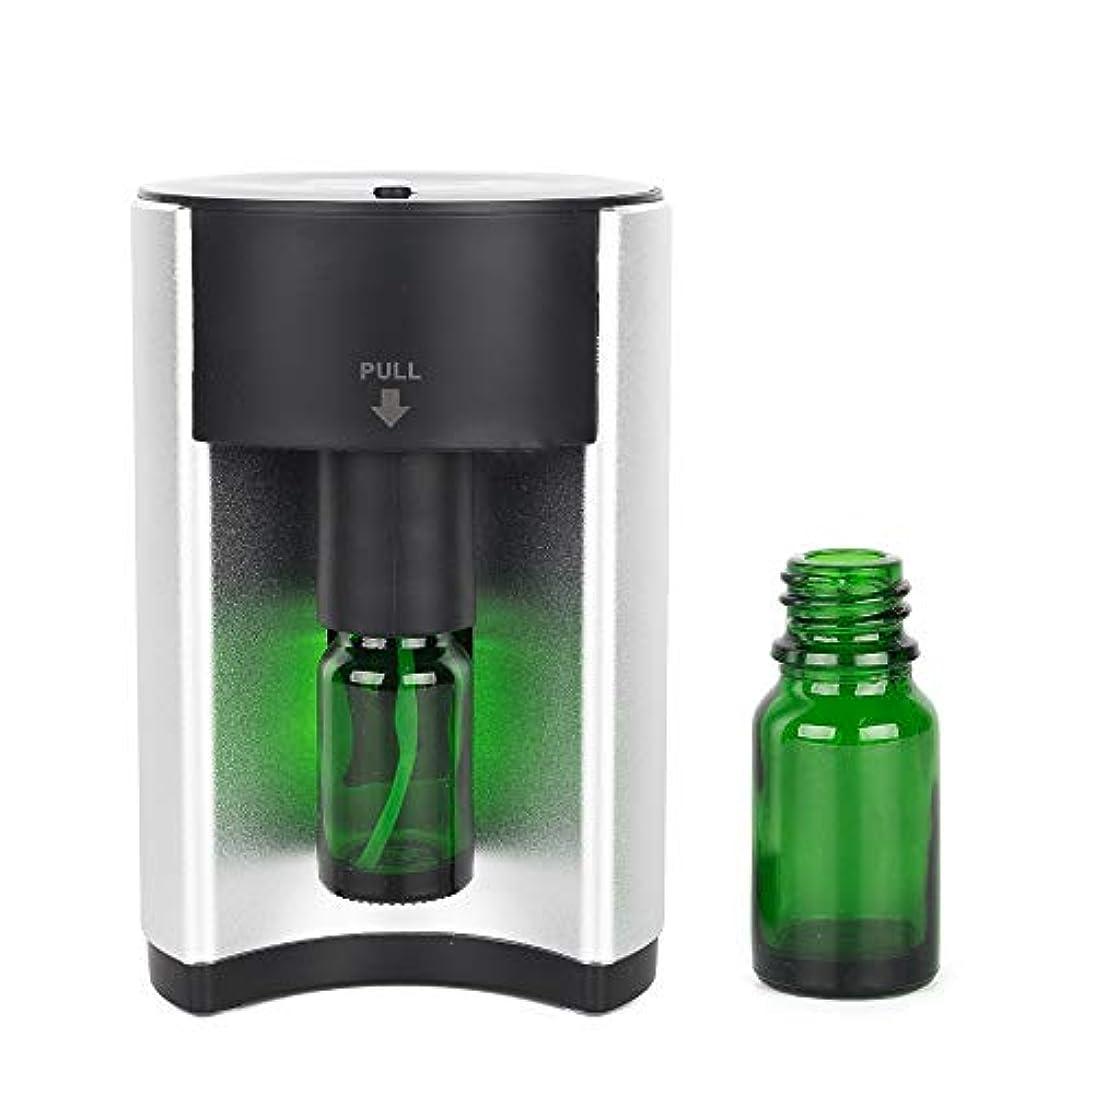 興味社員葬儀アロマディフューザー アロマ 芳香器 (GT-SH-S1)アロマオイル ネブライザー式 アロマポット usb コンセント 小型 香り おしゃれ 可愛い シンプル 軽量 卓上 シンプル スマート 水を使わない オイル別売り